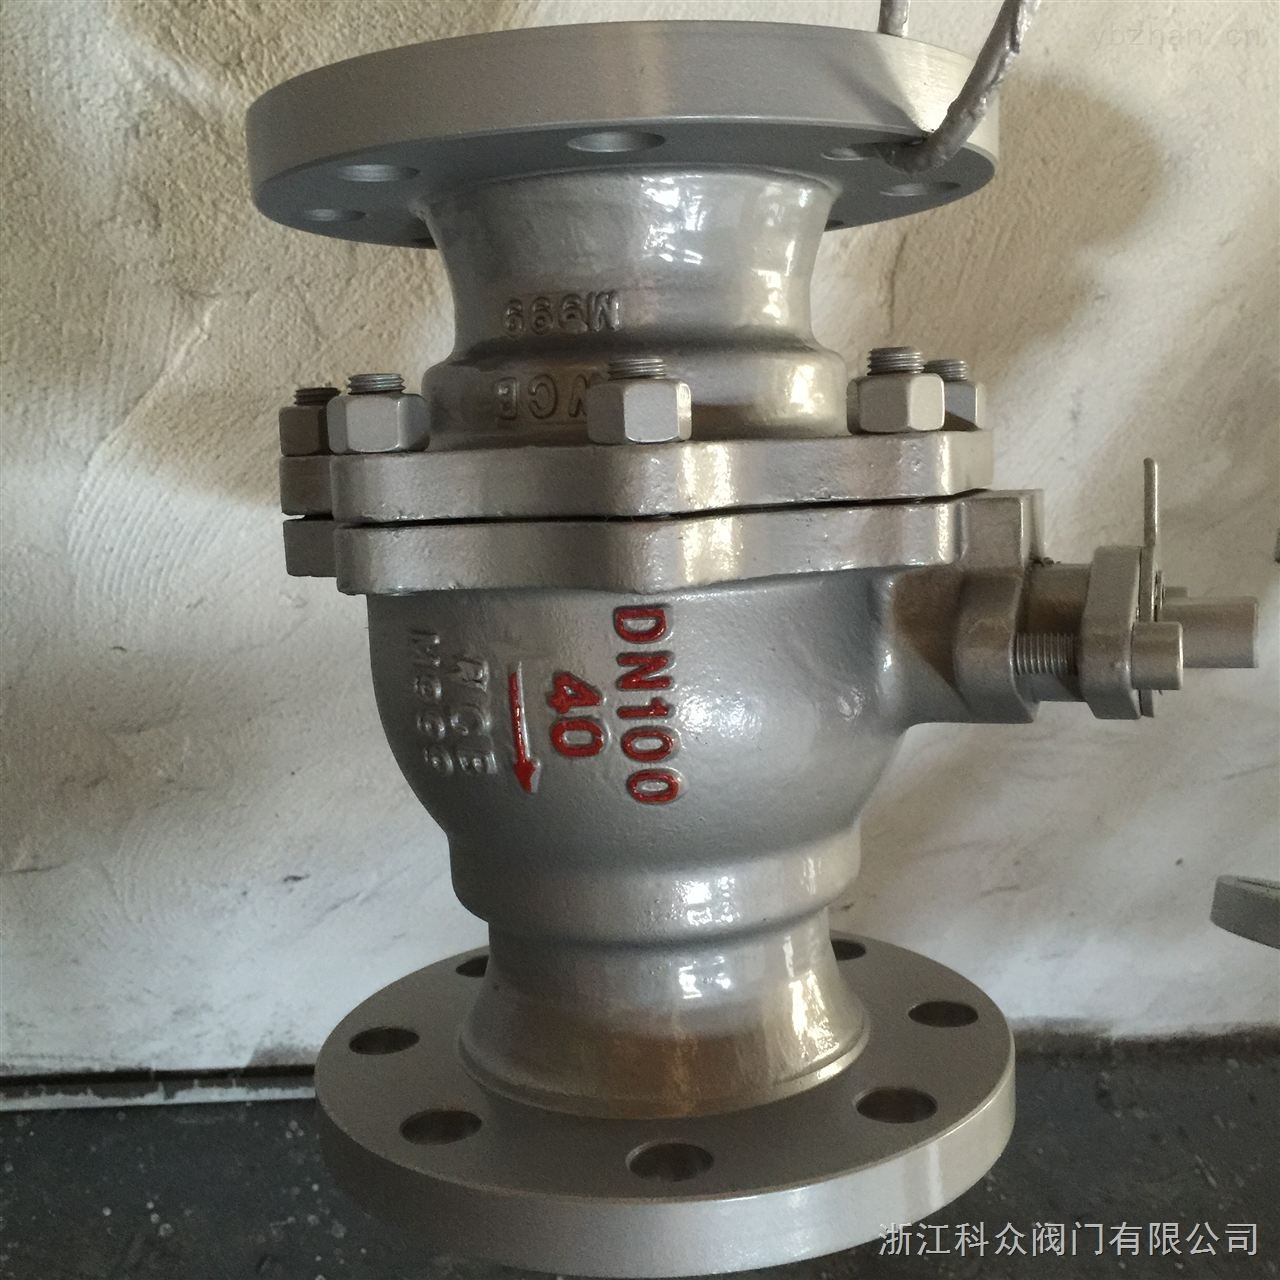 Q41H-專業生產硬密封高溫球閥 Q41H/Y鑄鋼高溫法蘭球閥